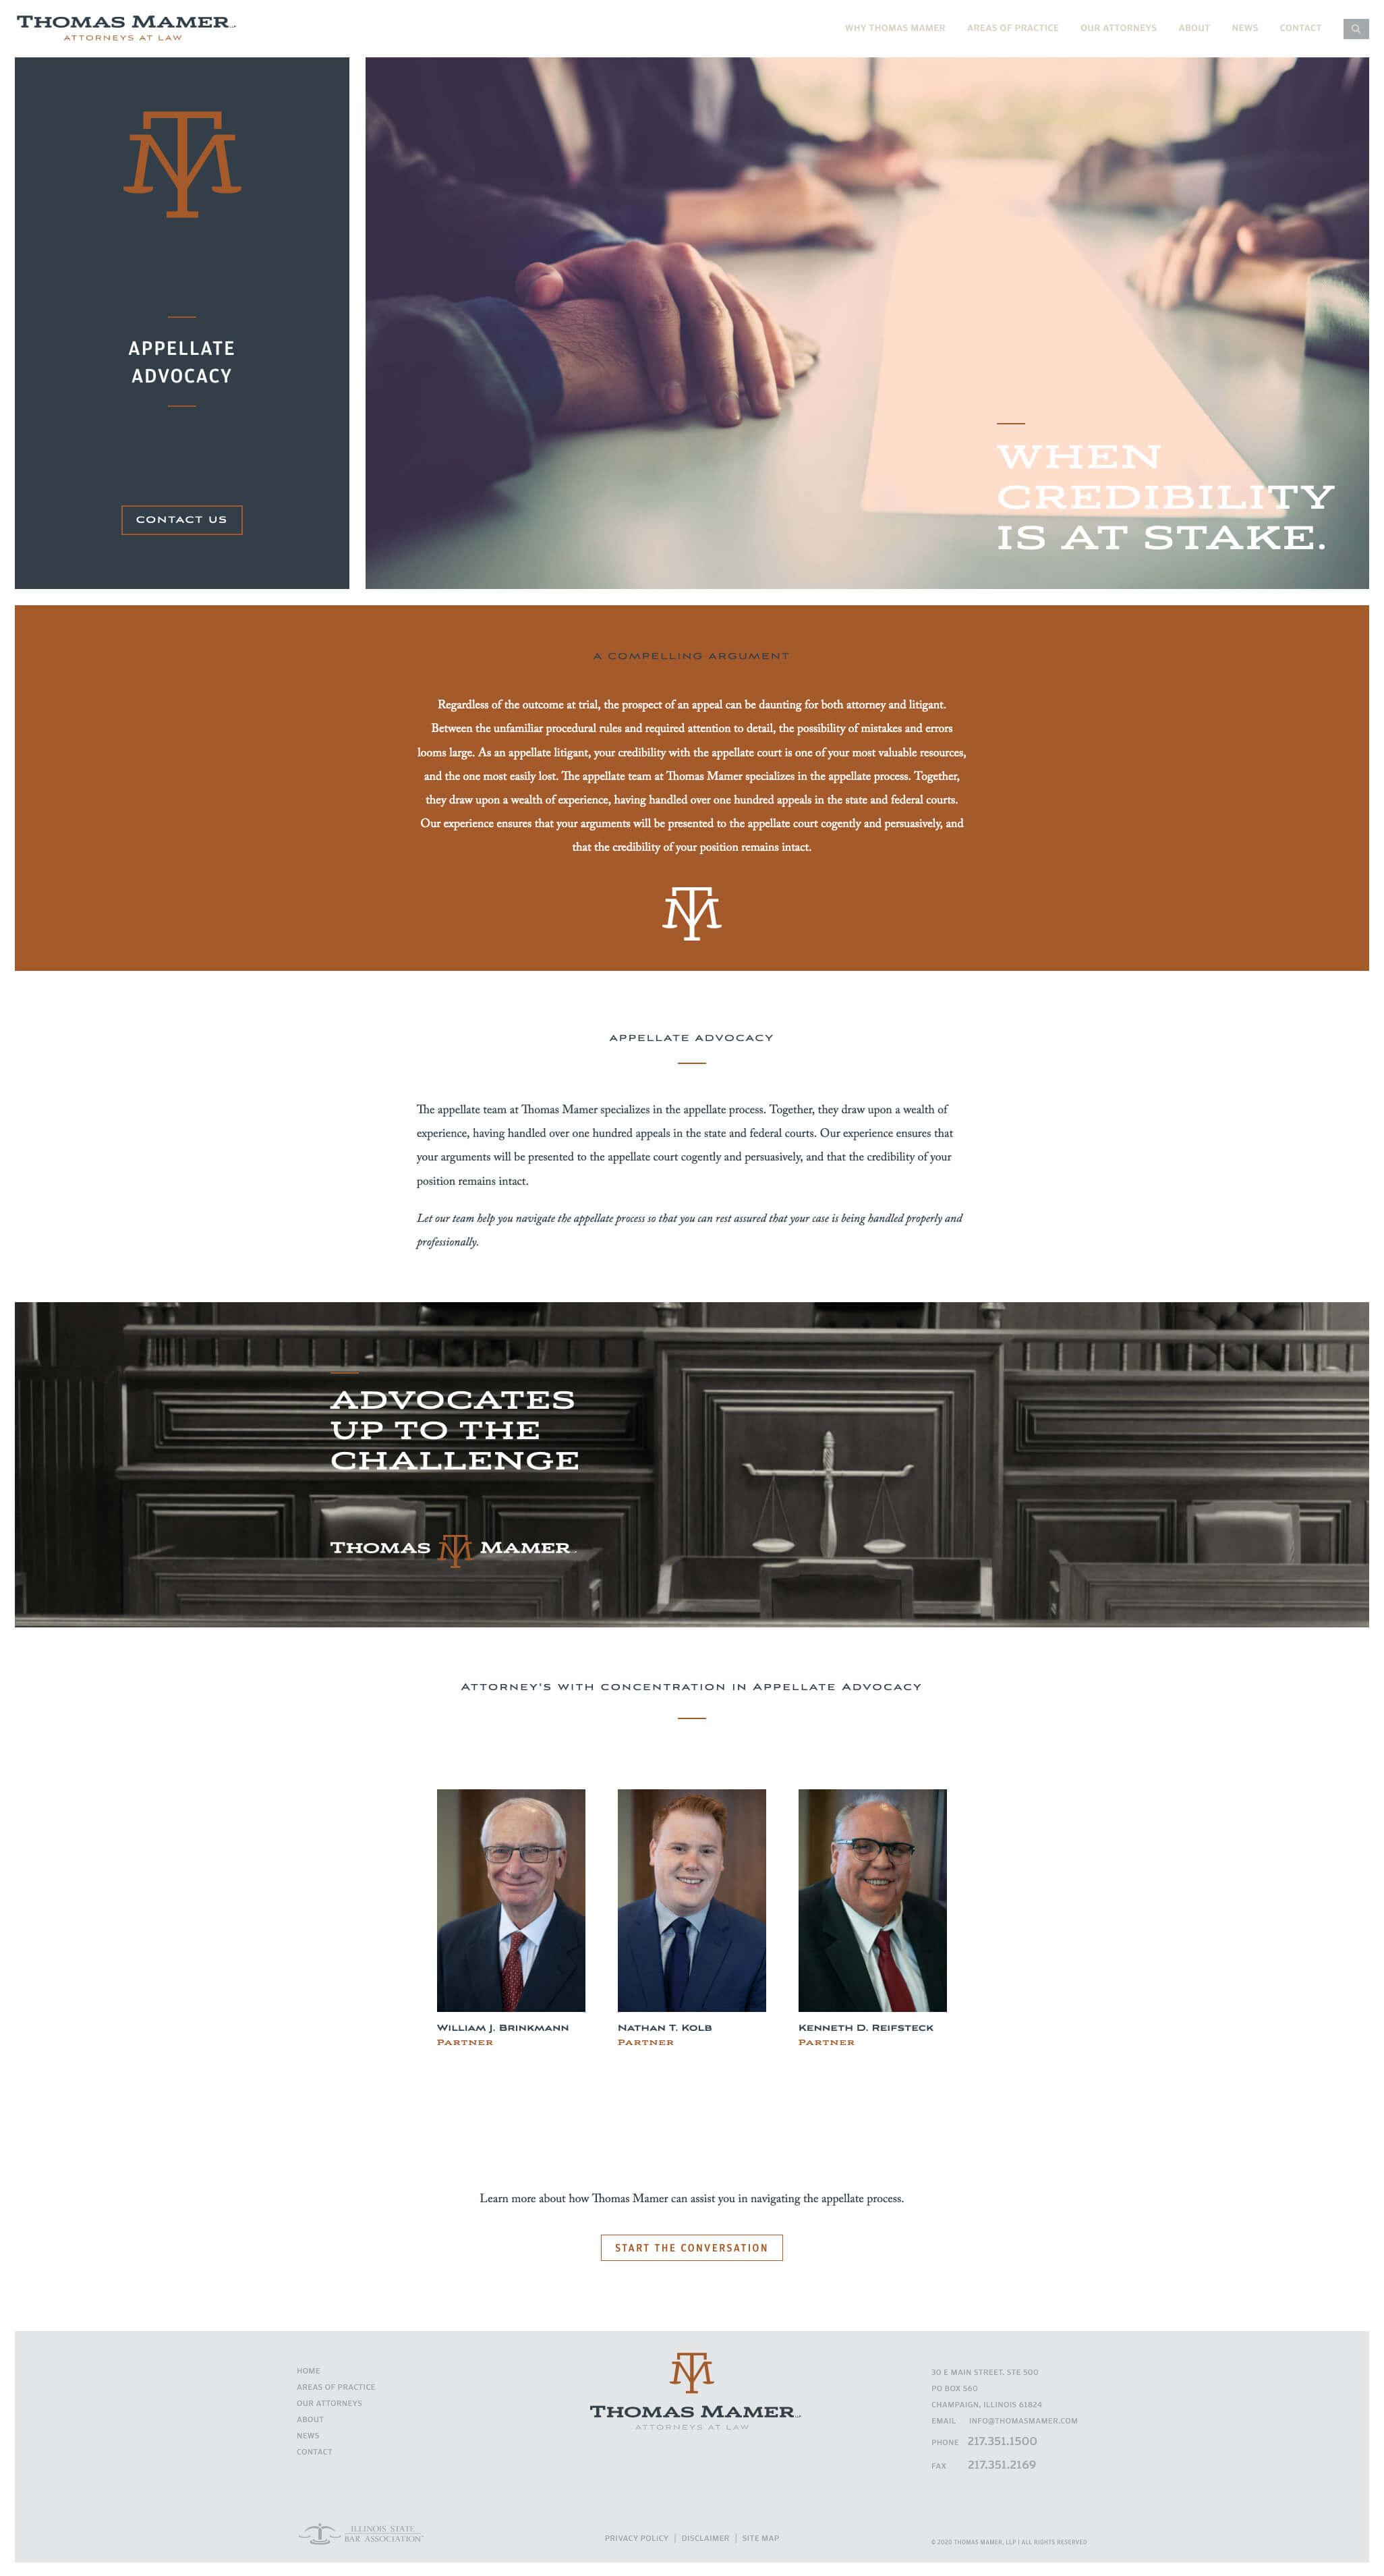 Thomas Mamer - Attorneys at Law - Website